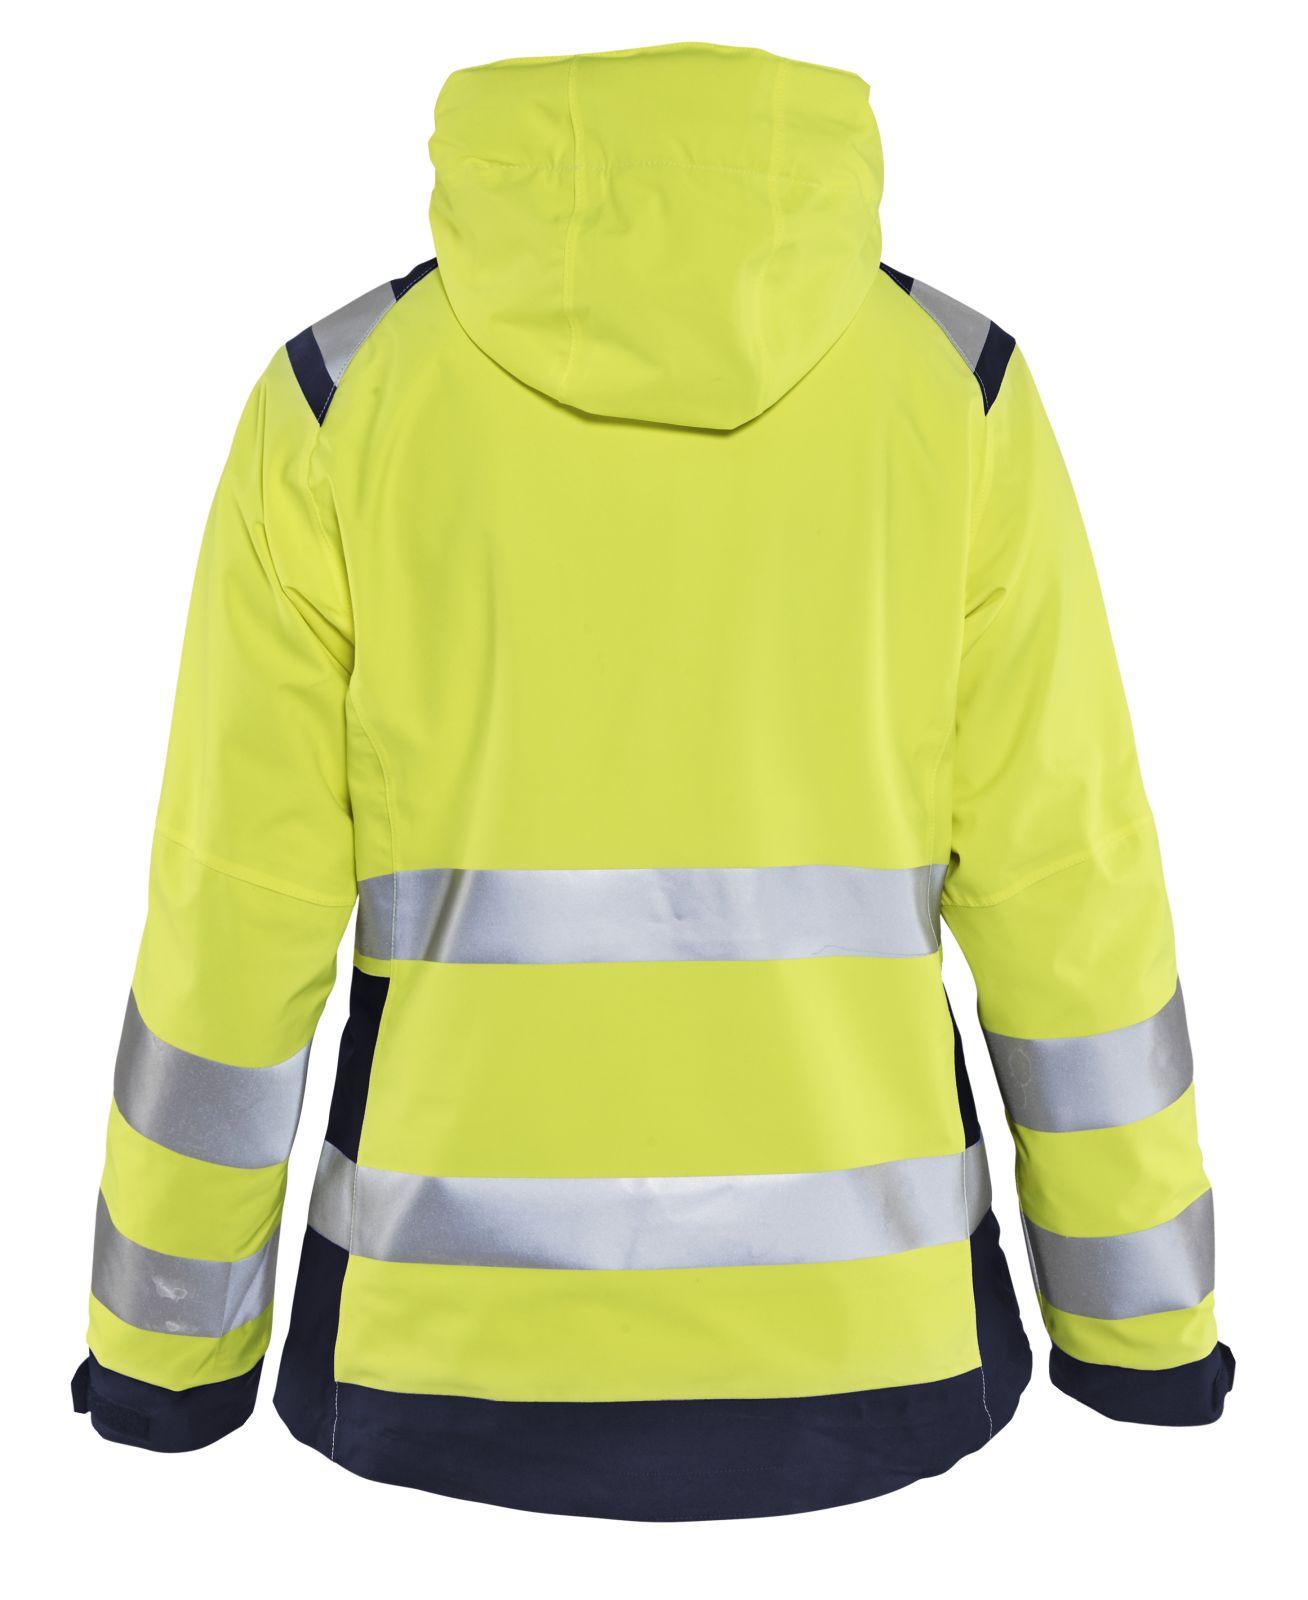 Blaklader Jassen 49041987 High Vis fluo geel-zwart(3399)